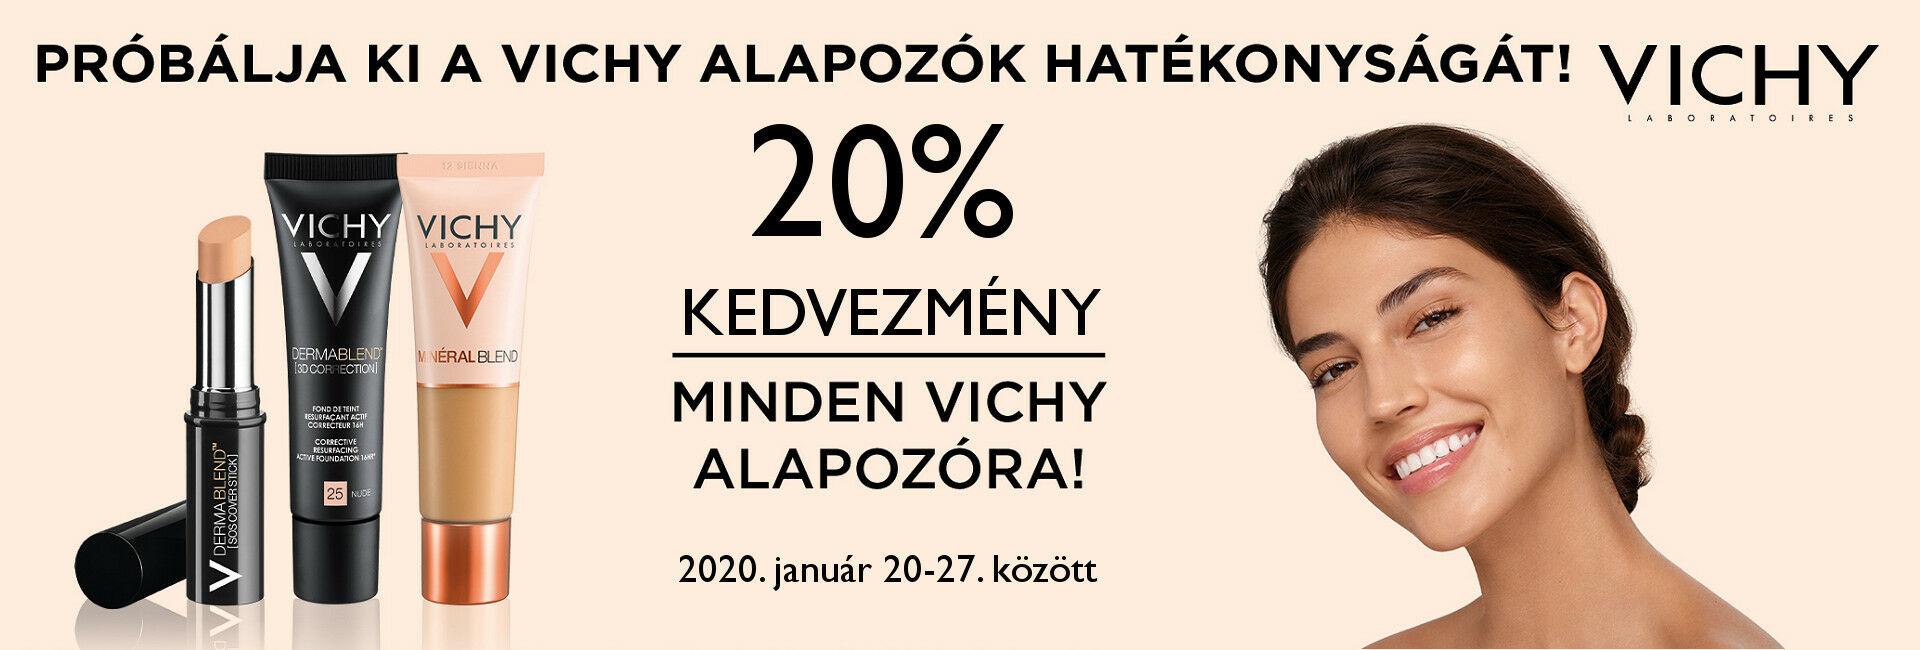 2020. január 20-27. között minden Vichy alapozó árából 20% kedvezményt adunk!